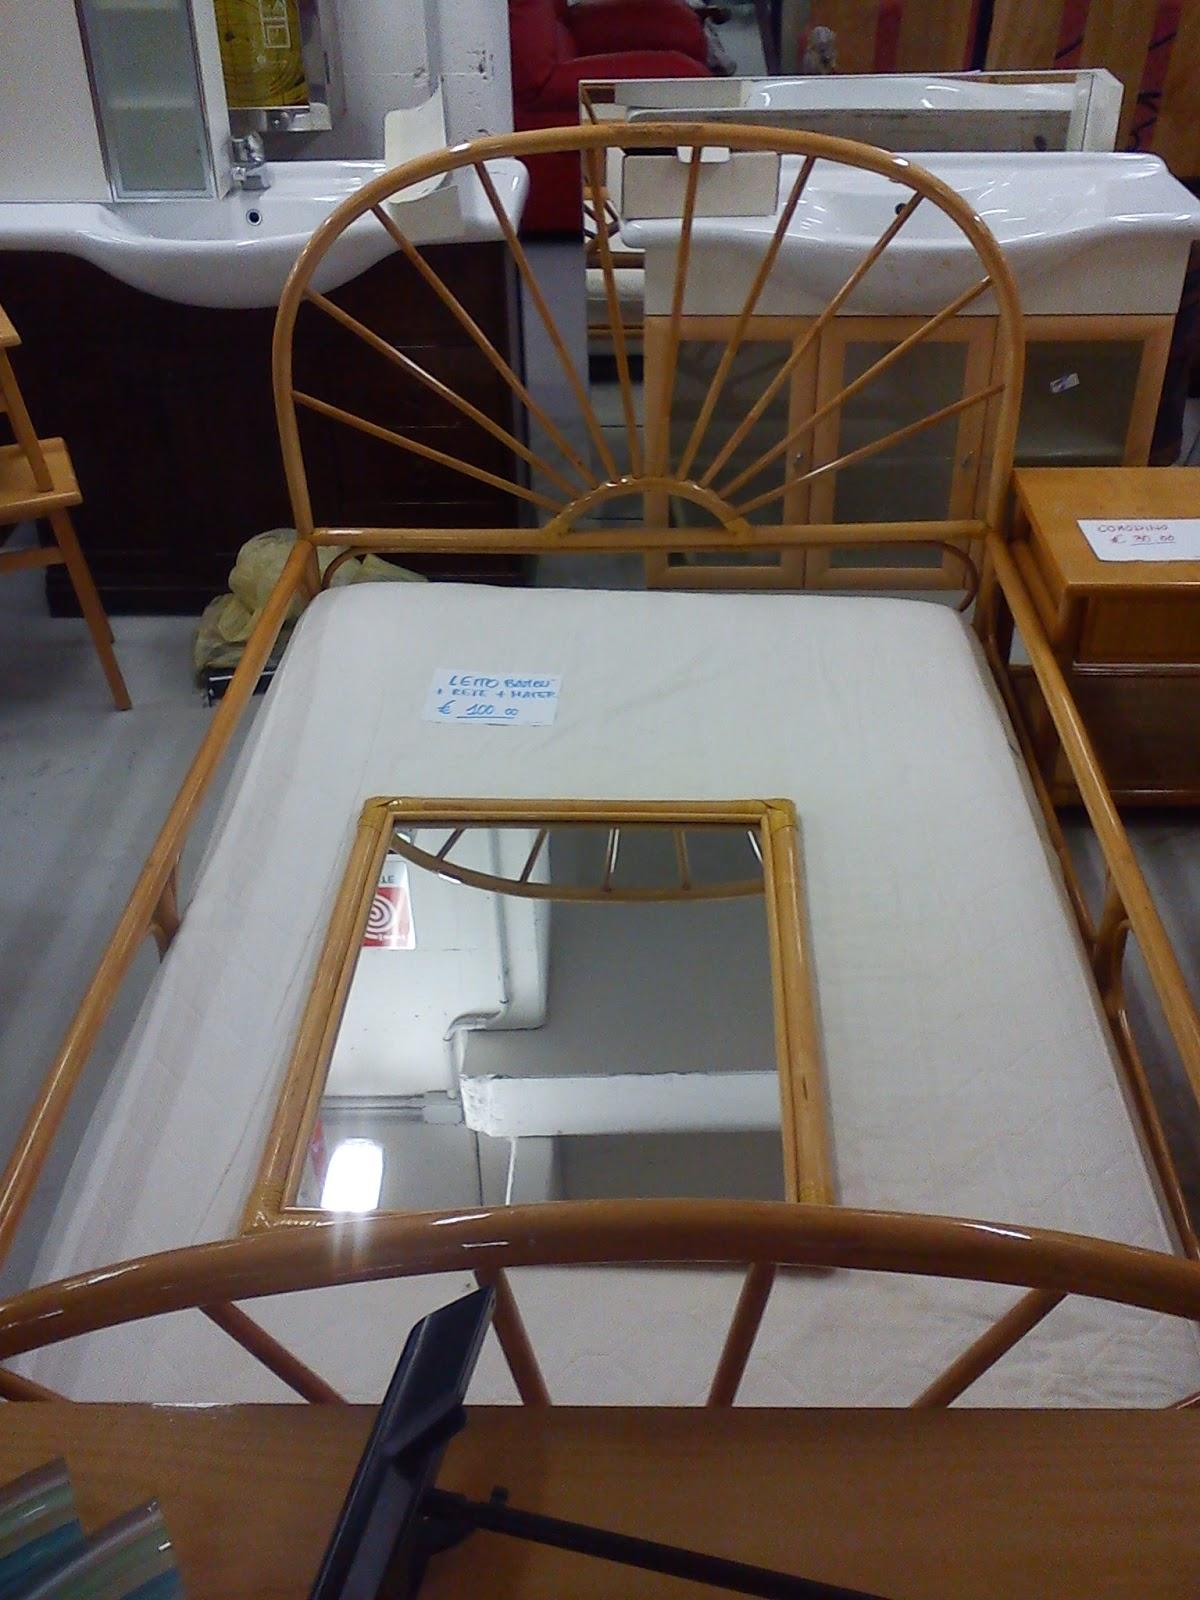 Portobello camera da letto in bamb - Letto in bambu ...